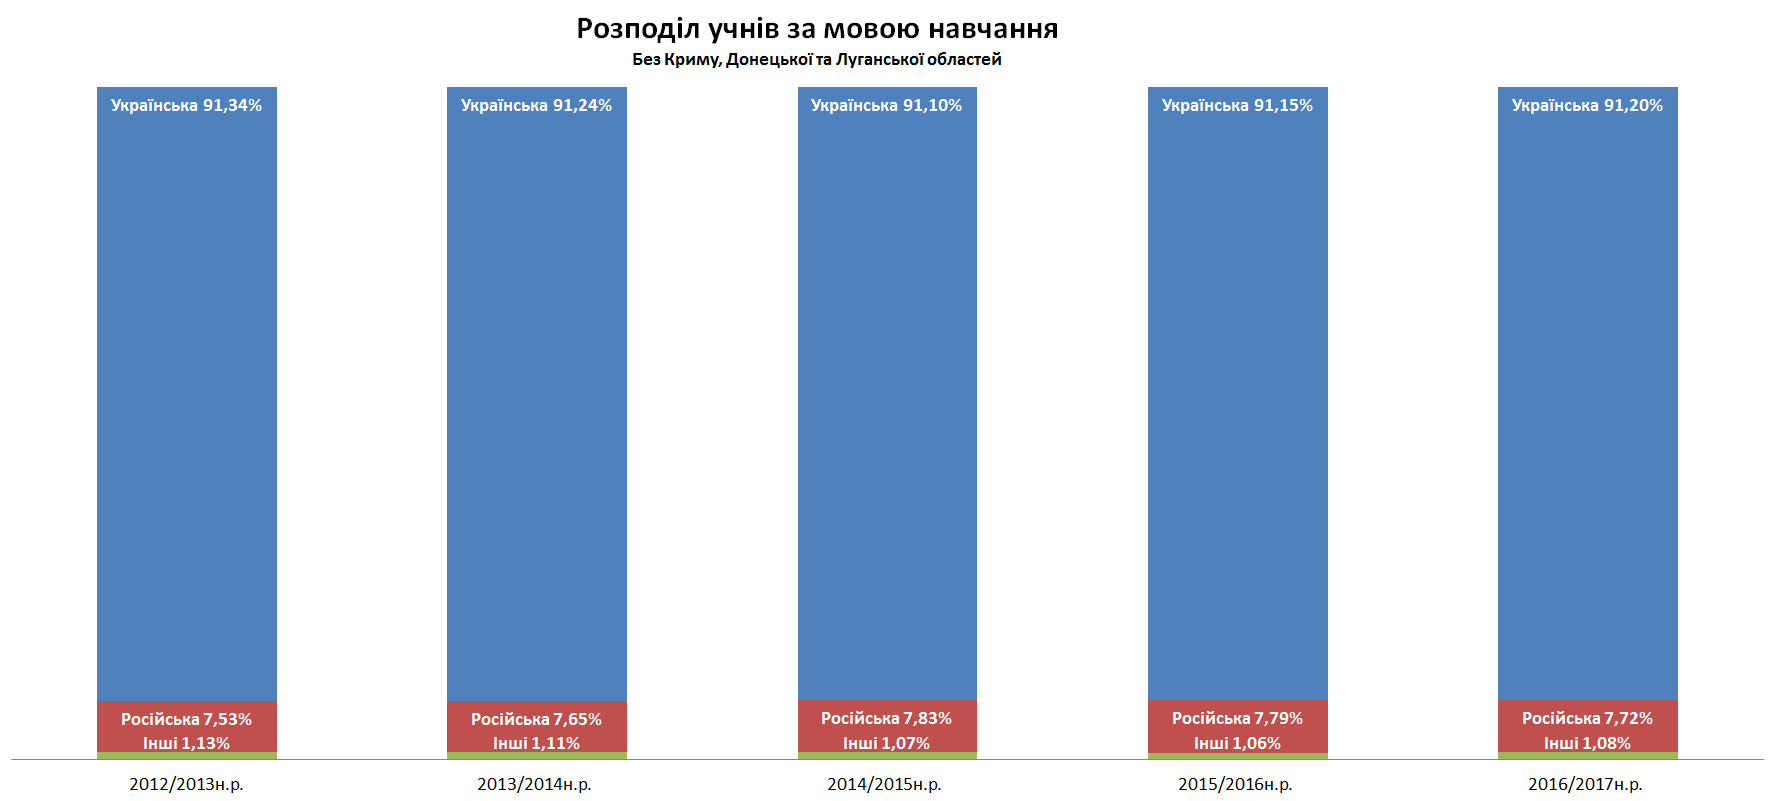 Розподіл учнів за мовою навчання без Криму, Донецької та Луганської областей 2016-2017 н.р.